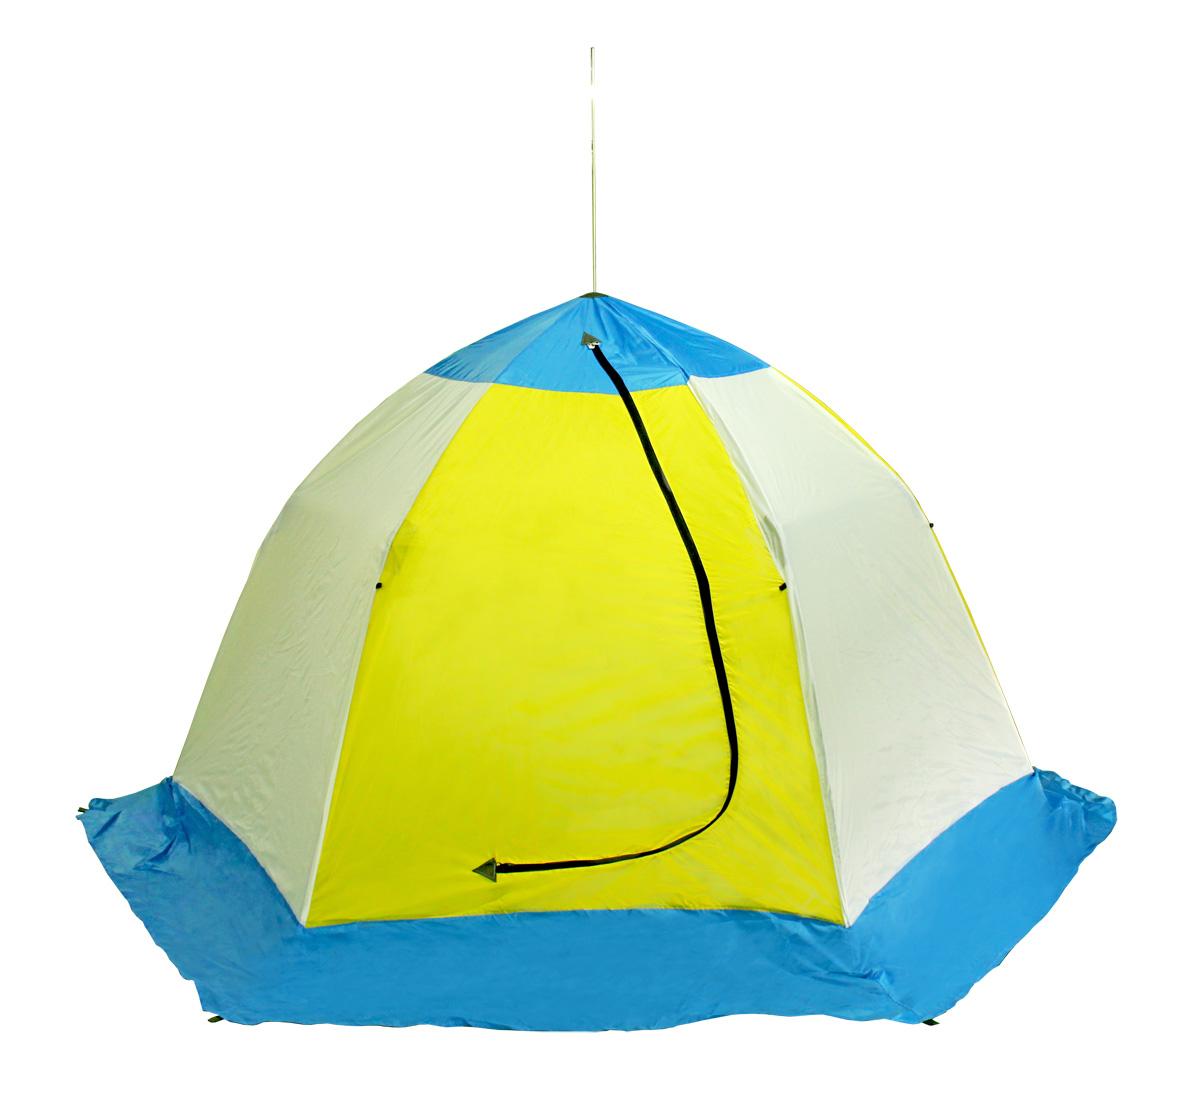 Палатка рыбака ELITE 3-м п/автомат н/тк (Стэк)Палатки зимние<br>Предназначена для зимнего подледного лова. <br>Изготовлена из высокопрочного алюминиево-дюралевого <br>каркаса, алюминиевой комплектации и синтетической <br>непродуваемой ткани (Оксфорд 210 PU). Удлиненная <br>юбка (по низу увеличена на 25 см) Габариты <br>в собранном виде: 11500х200 мм Вес: 5.0 кг. Габариты <br>в разобранном виде: высота - 1600 мм, диаметр <br>(по диагонали, по низу) - 2600 мм.<br>